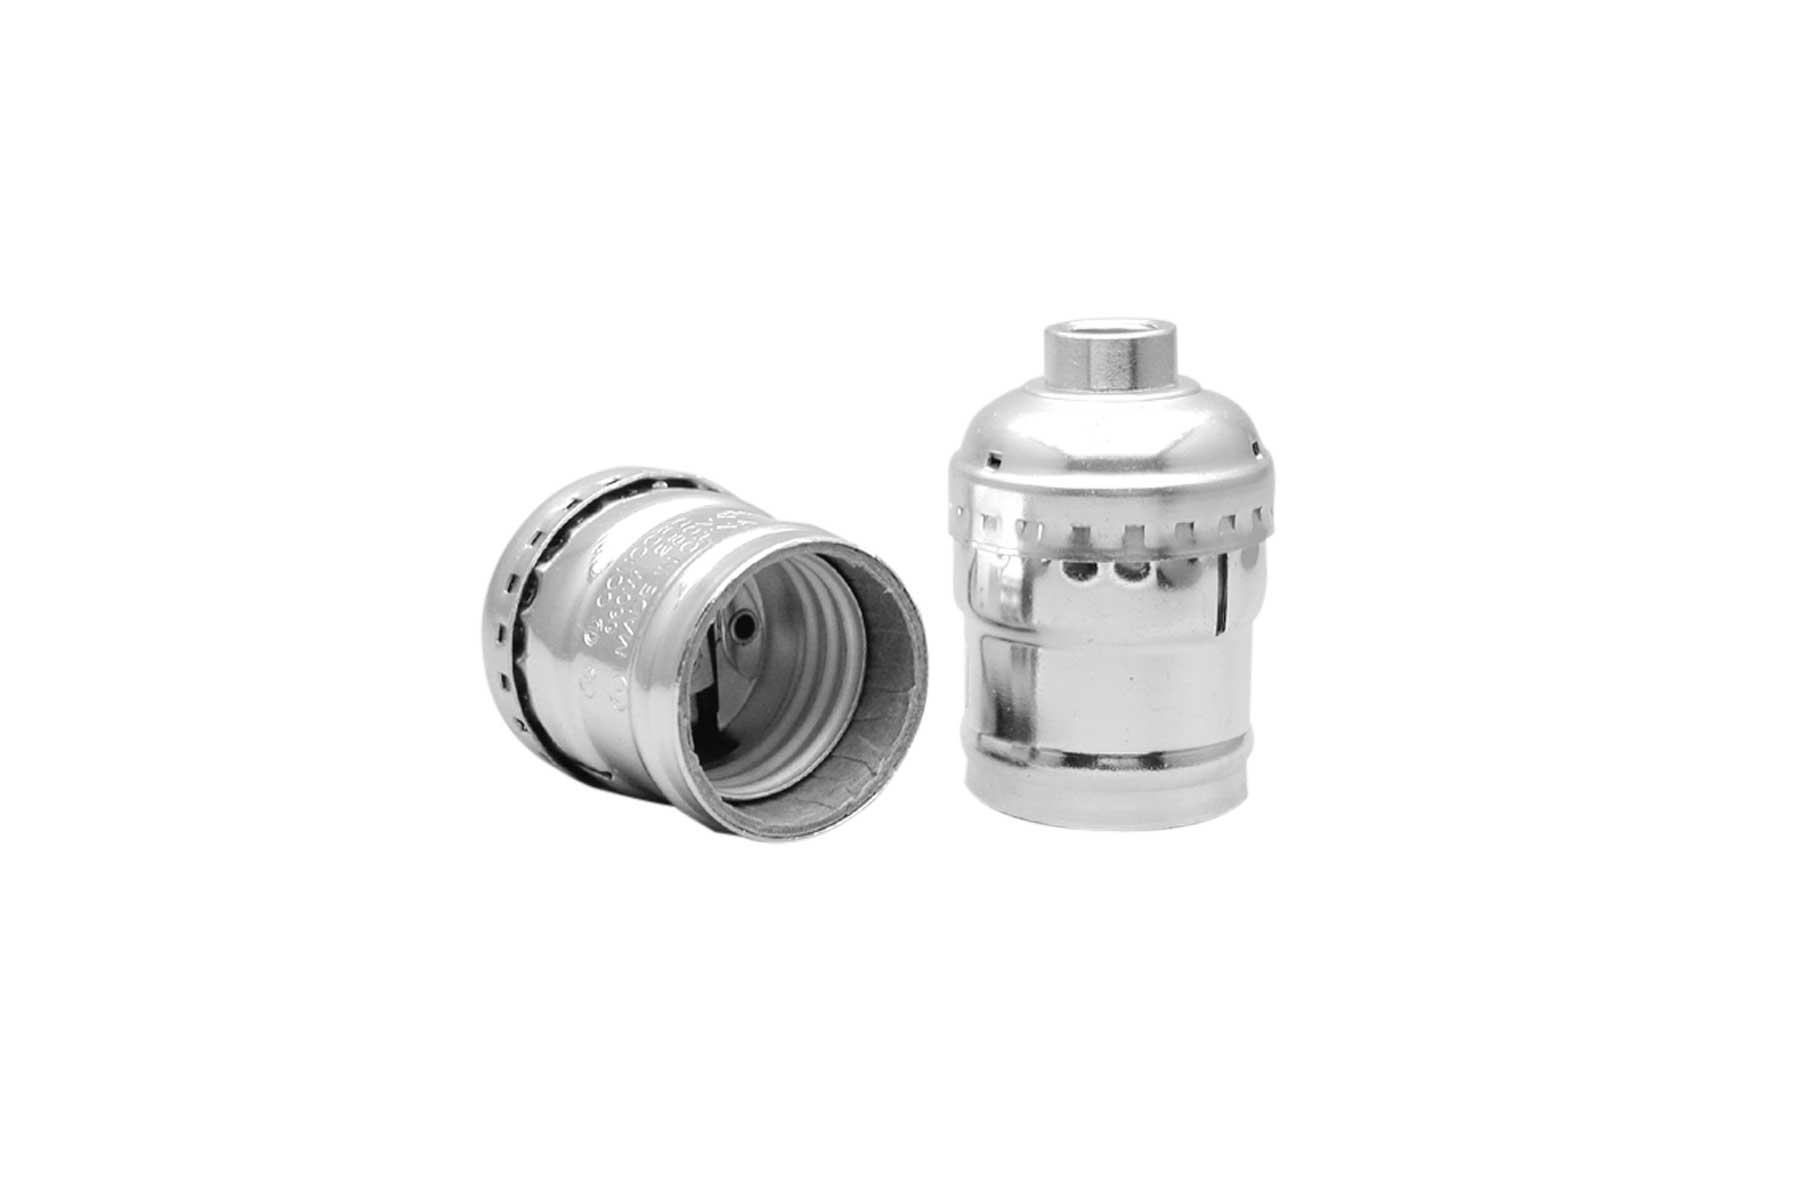 Metal Shell Medium Base Keyless Electrolier Incandescent Light Socket